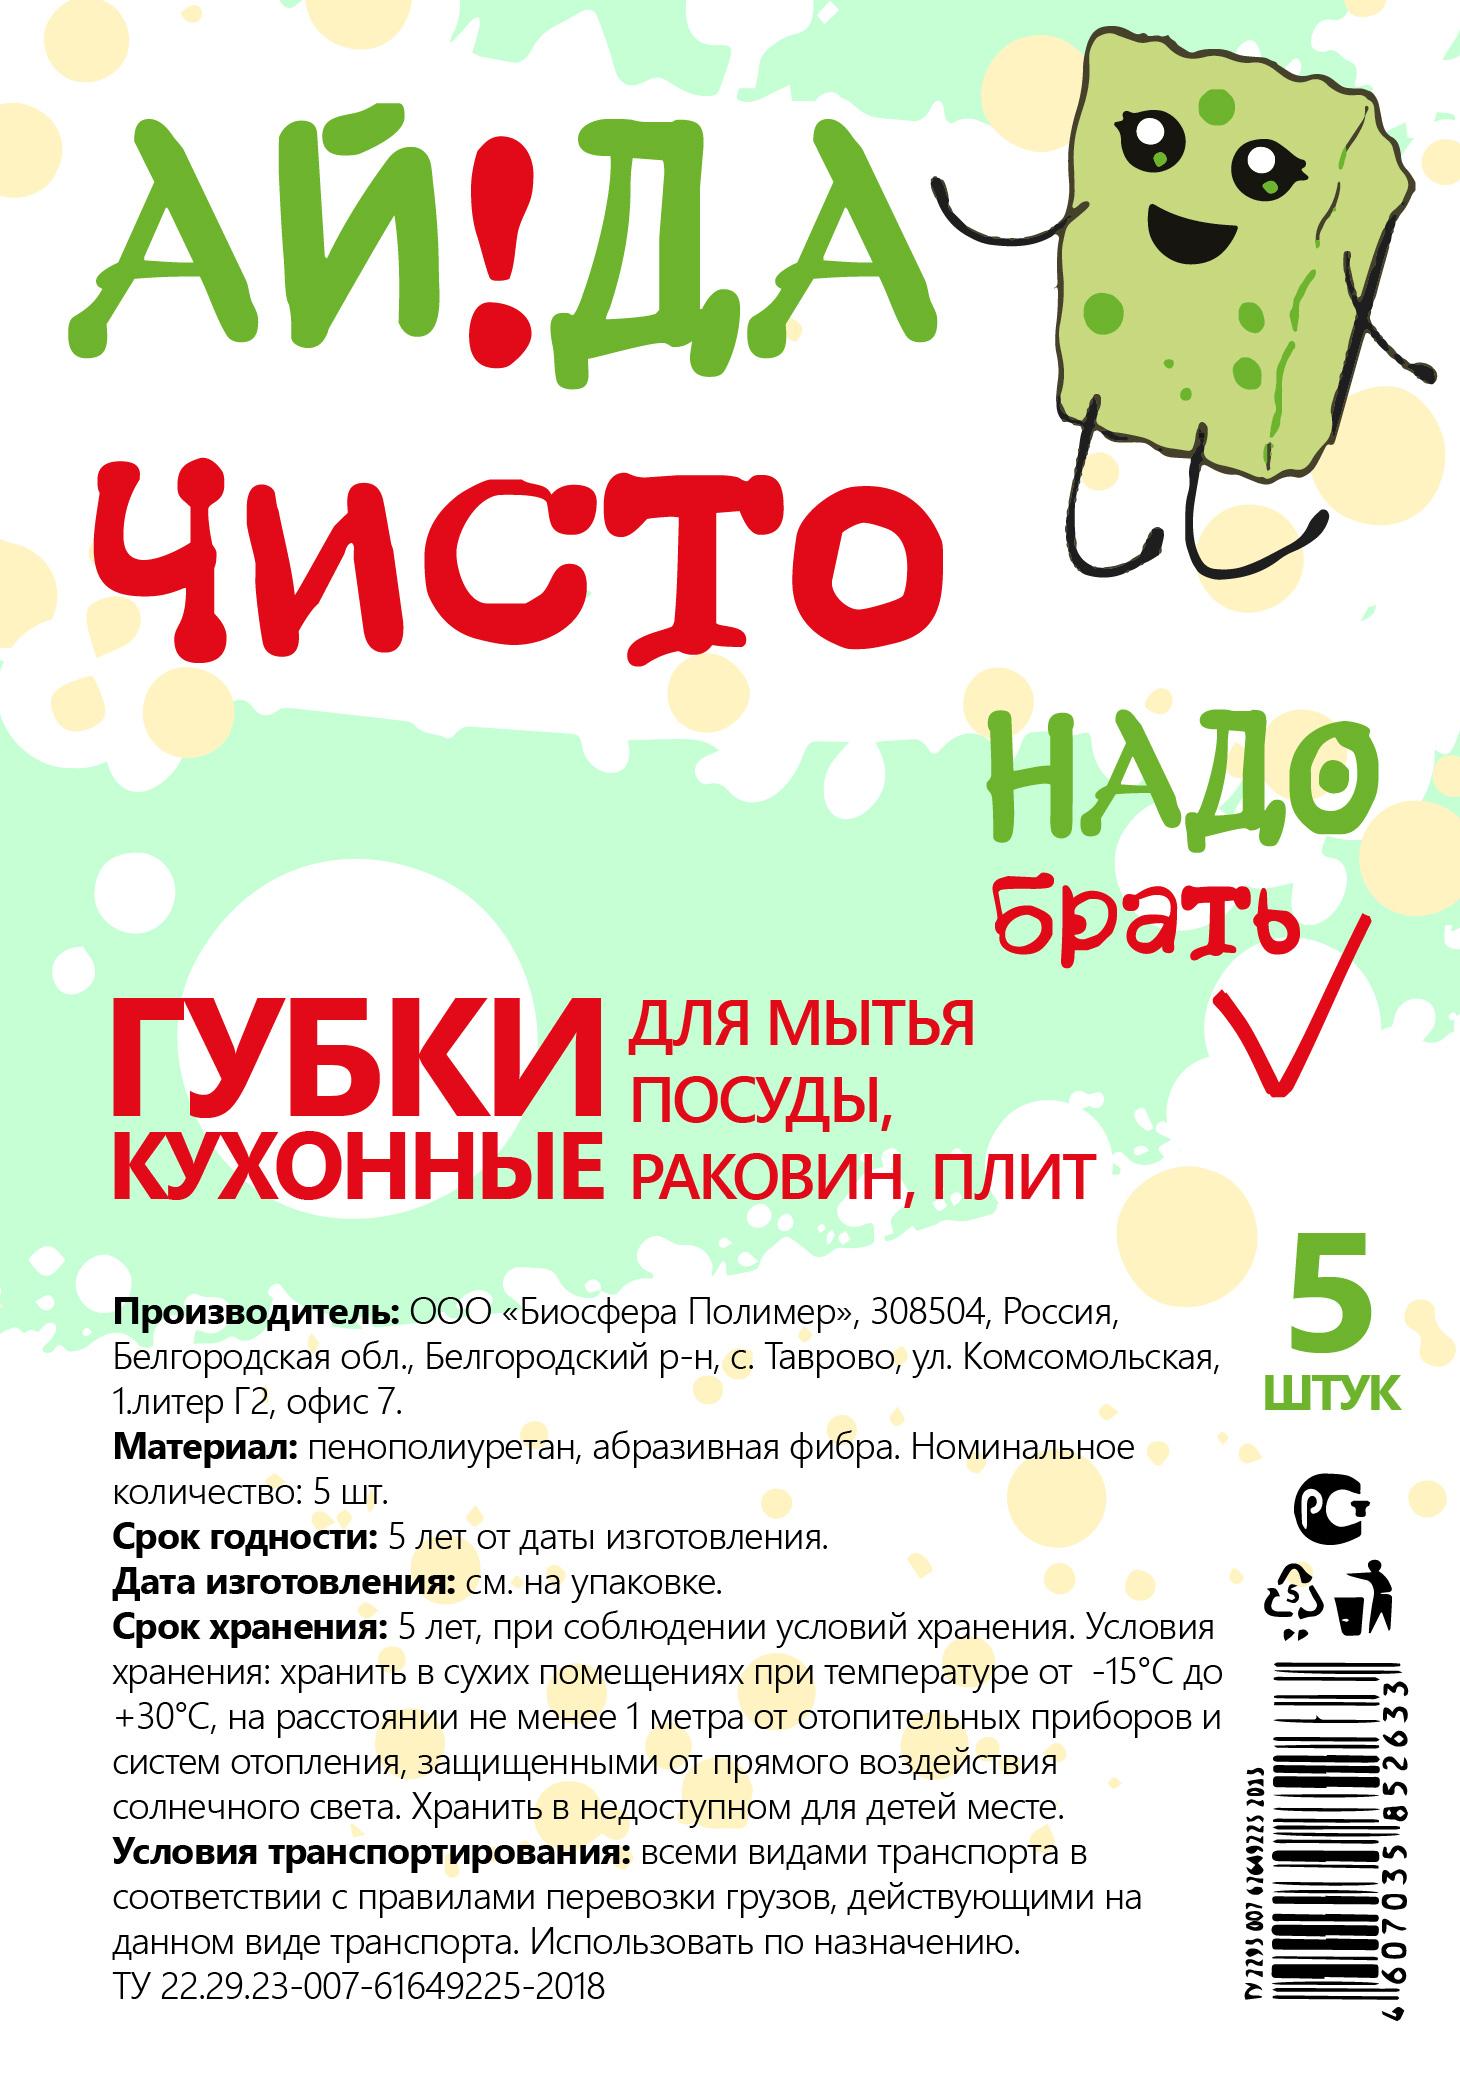 Дизайн логотипа и упаковки СТМ фото f_0085c5dd244d1a24.jpg